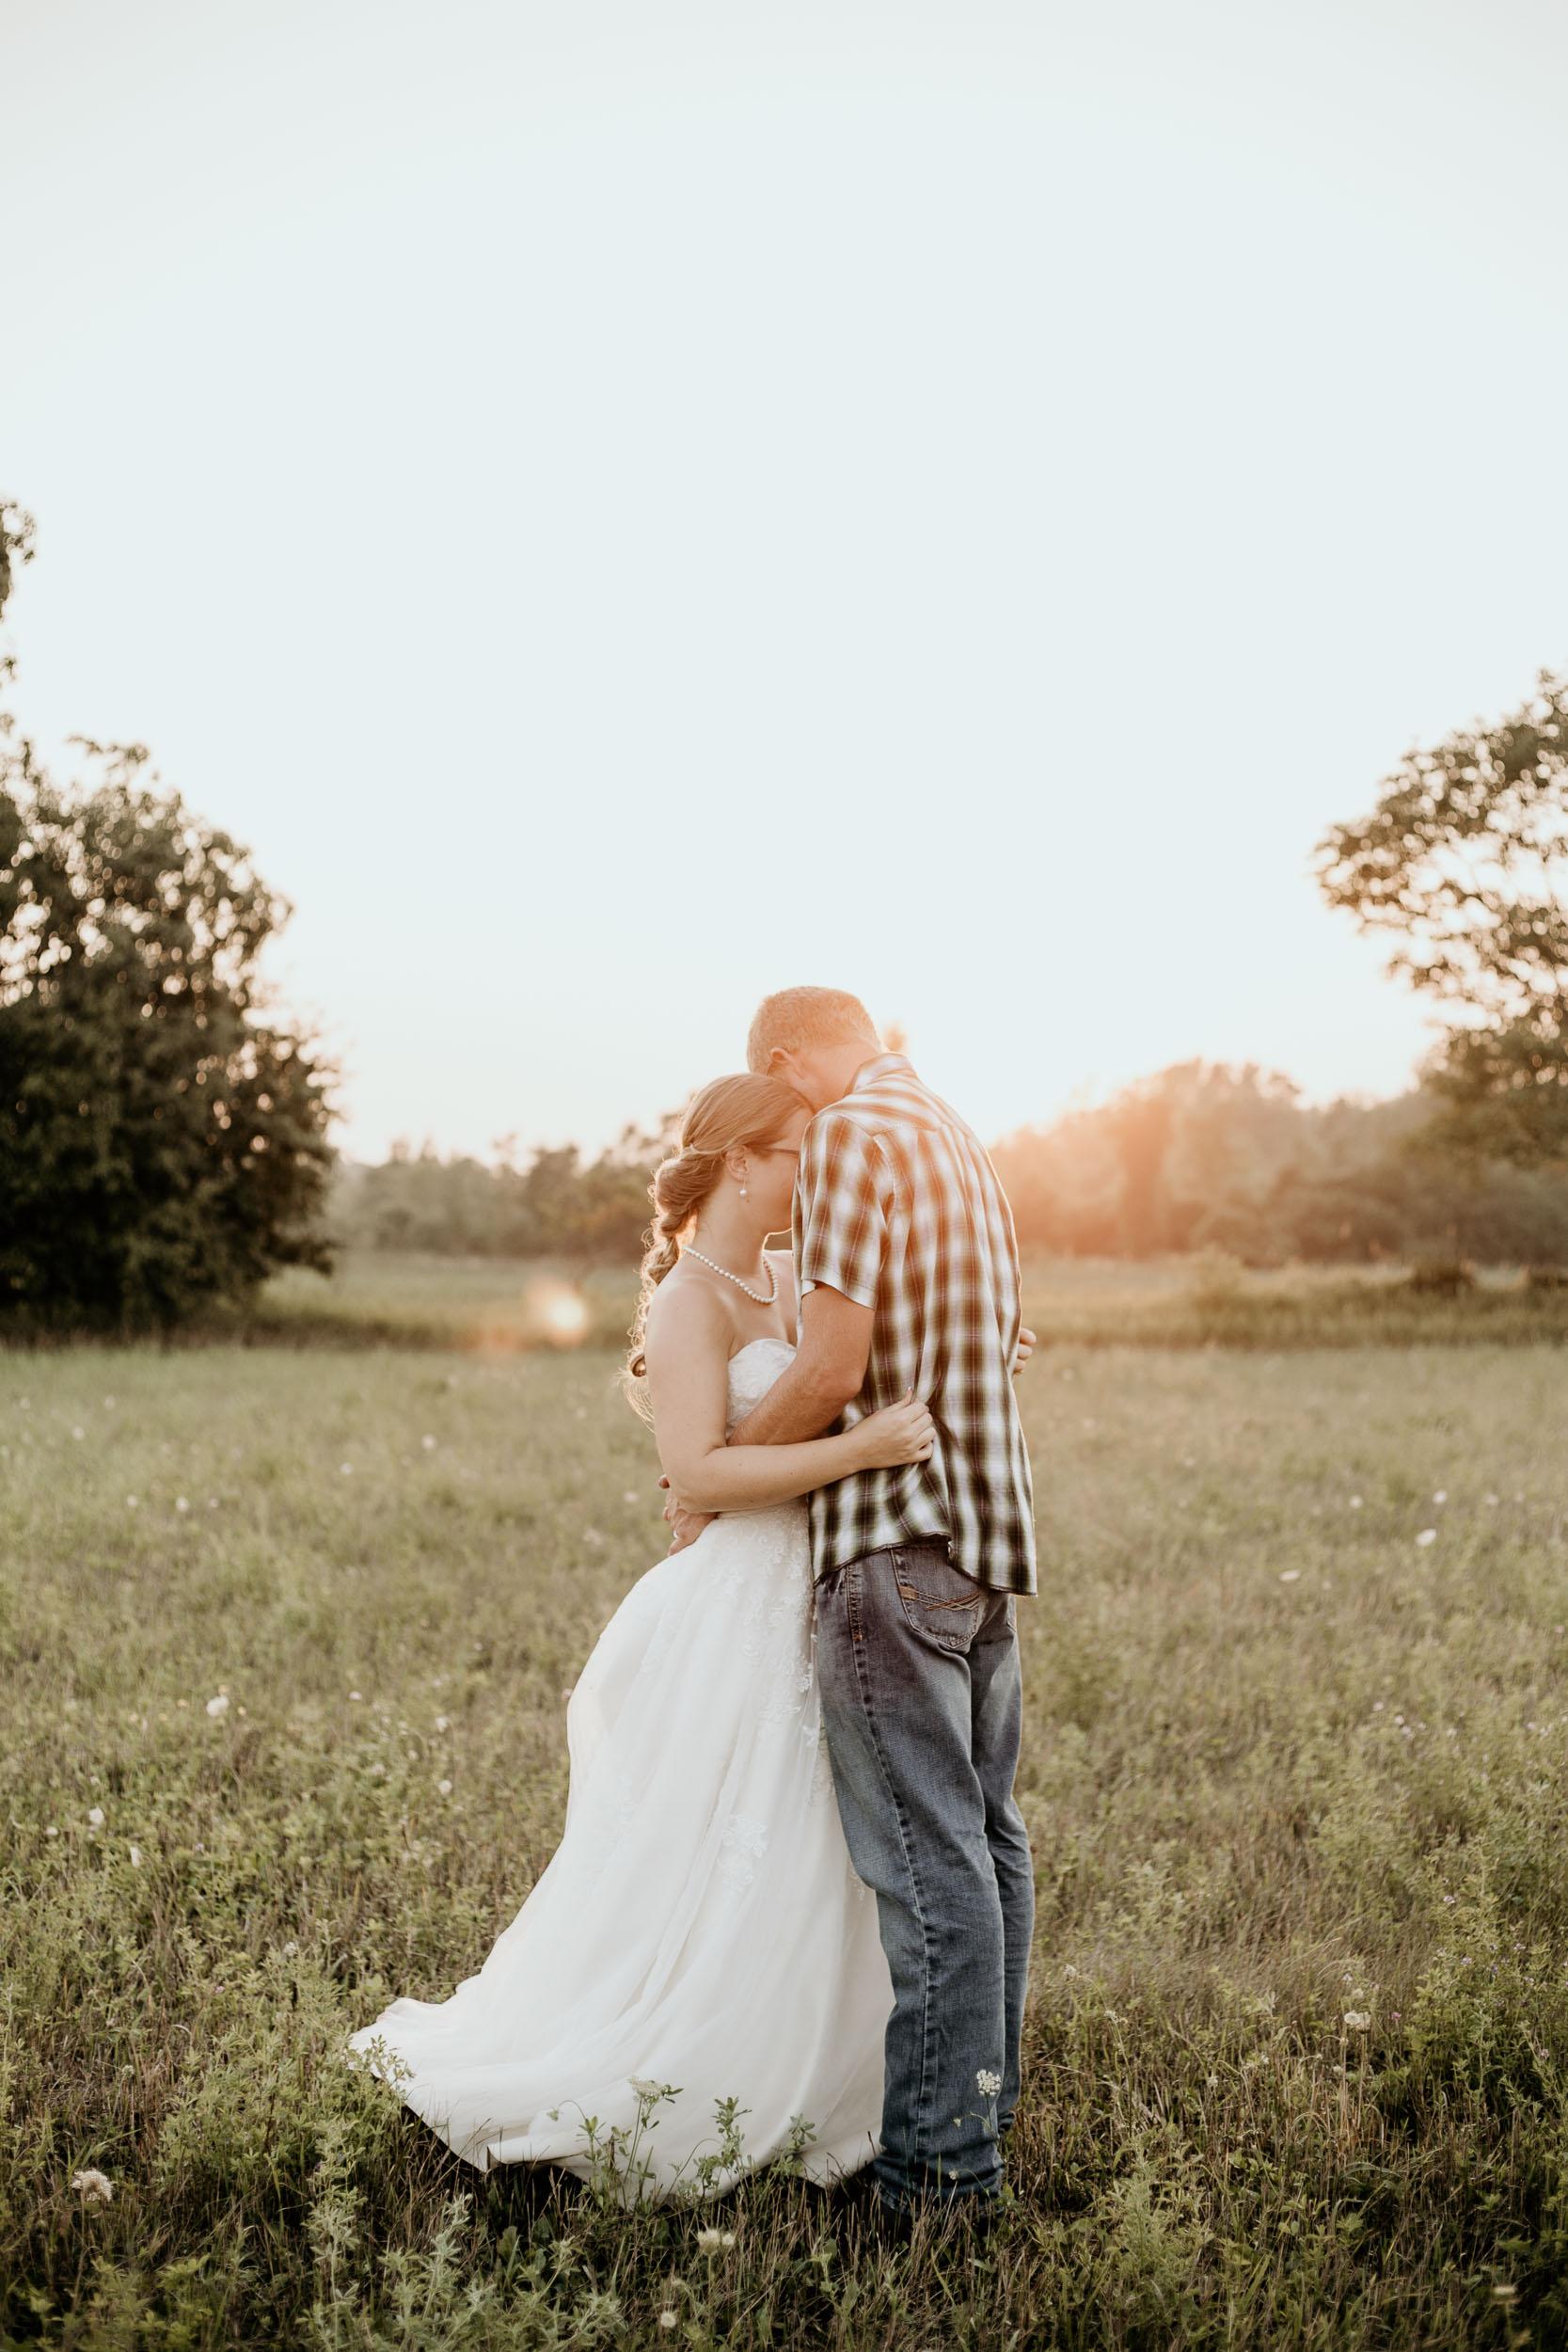 intimate-wedding-elopement-photographer-ottawa-joshua-tree-2996.jpg